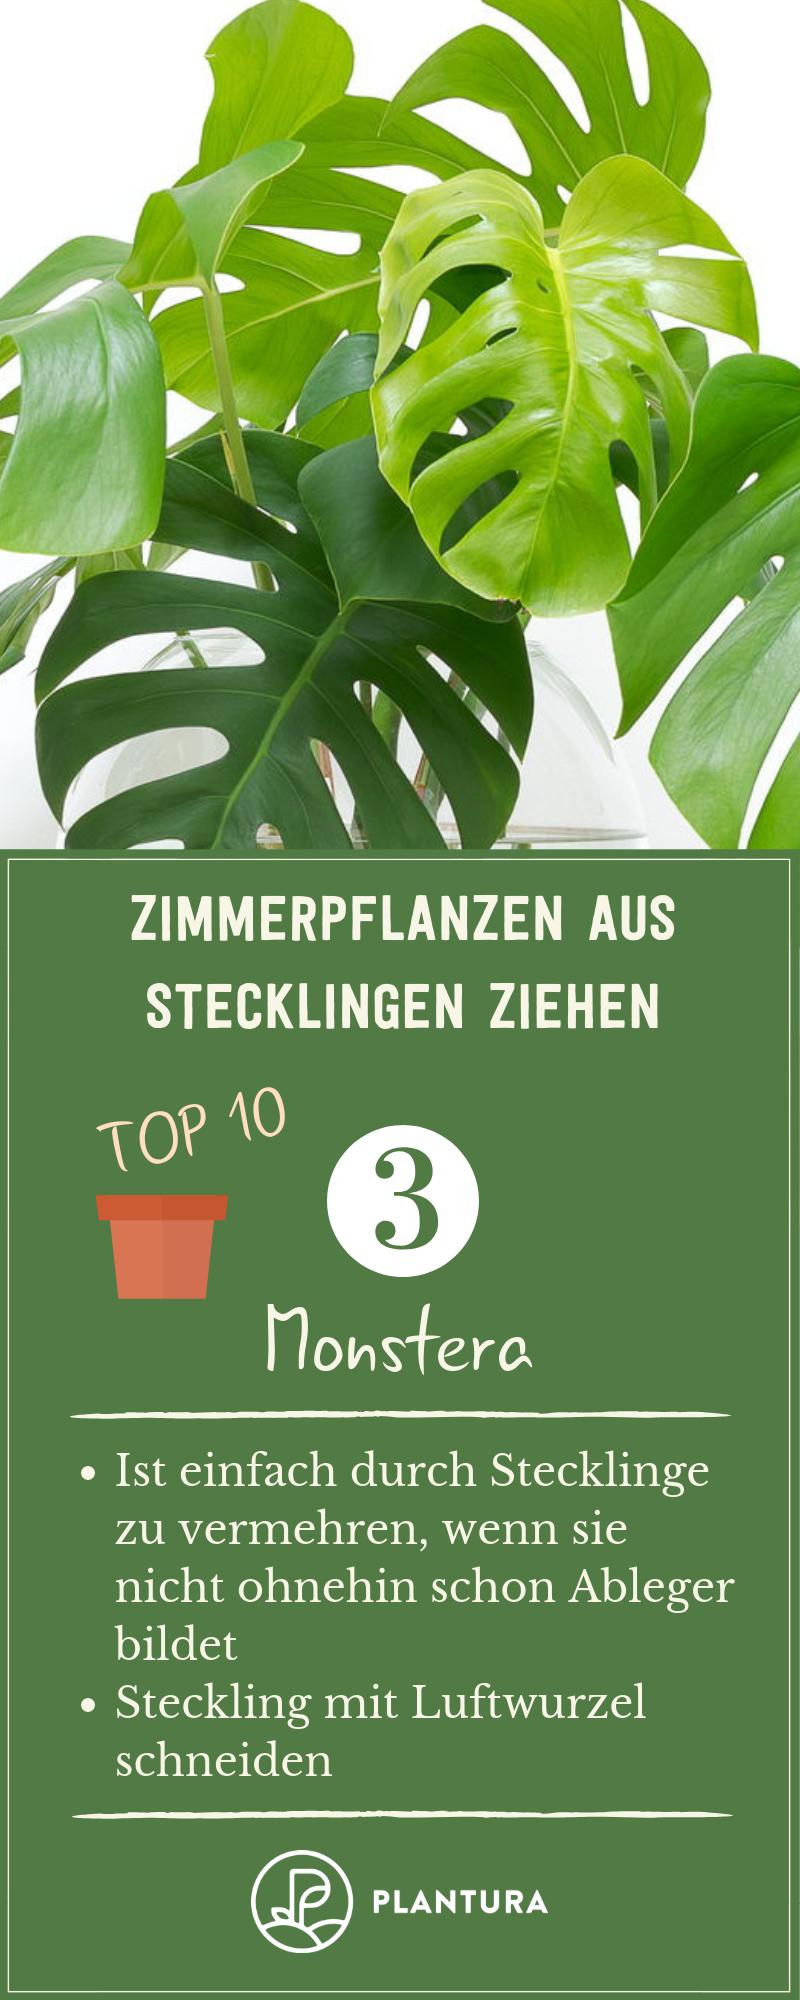 Photo of Zimmerpflanzen aus Stecklingen ziehen: Unsere Top 10 – Plantura